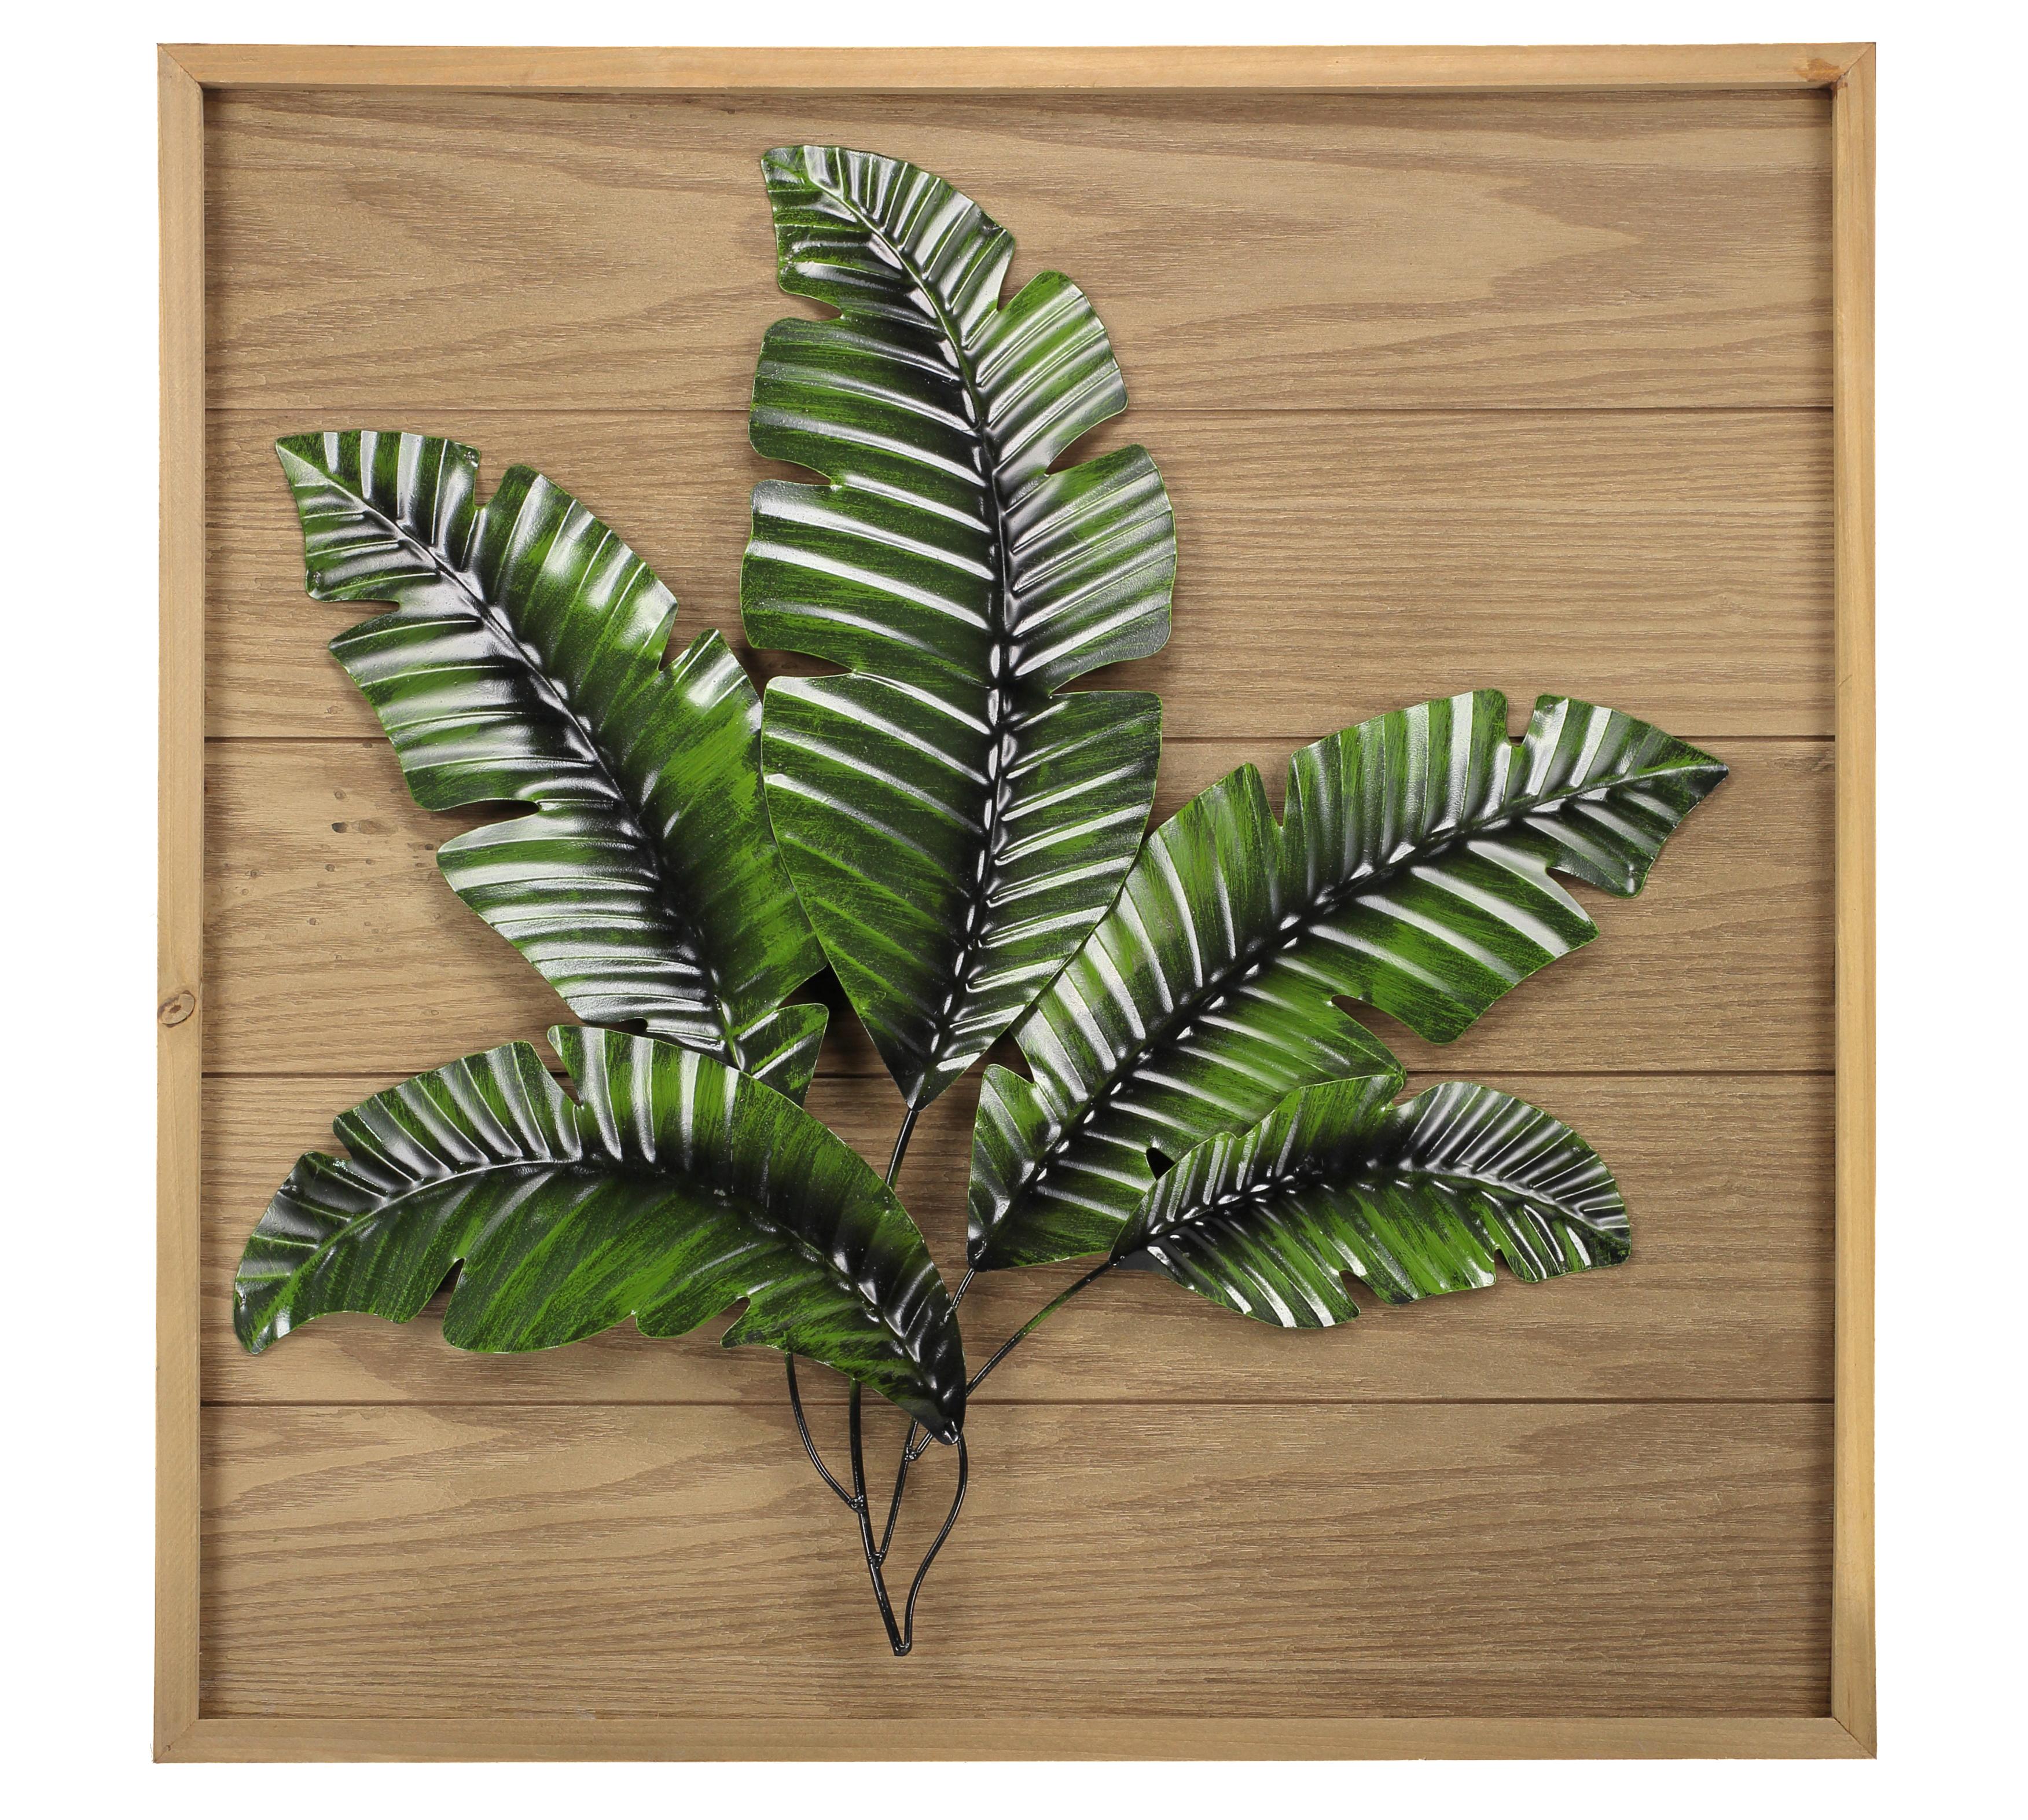 LS Wall Art W/Leaf Pattern 61X61X4.5cm